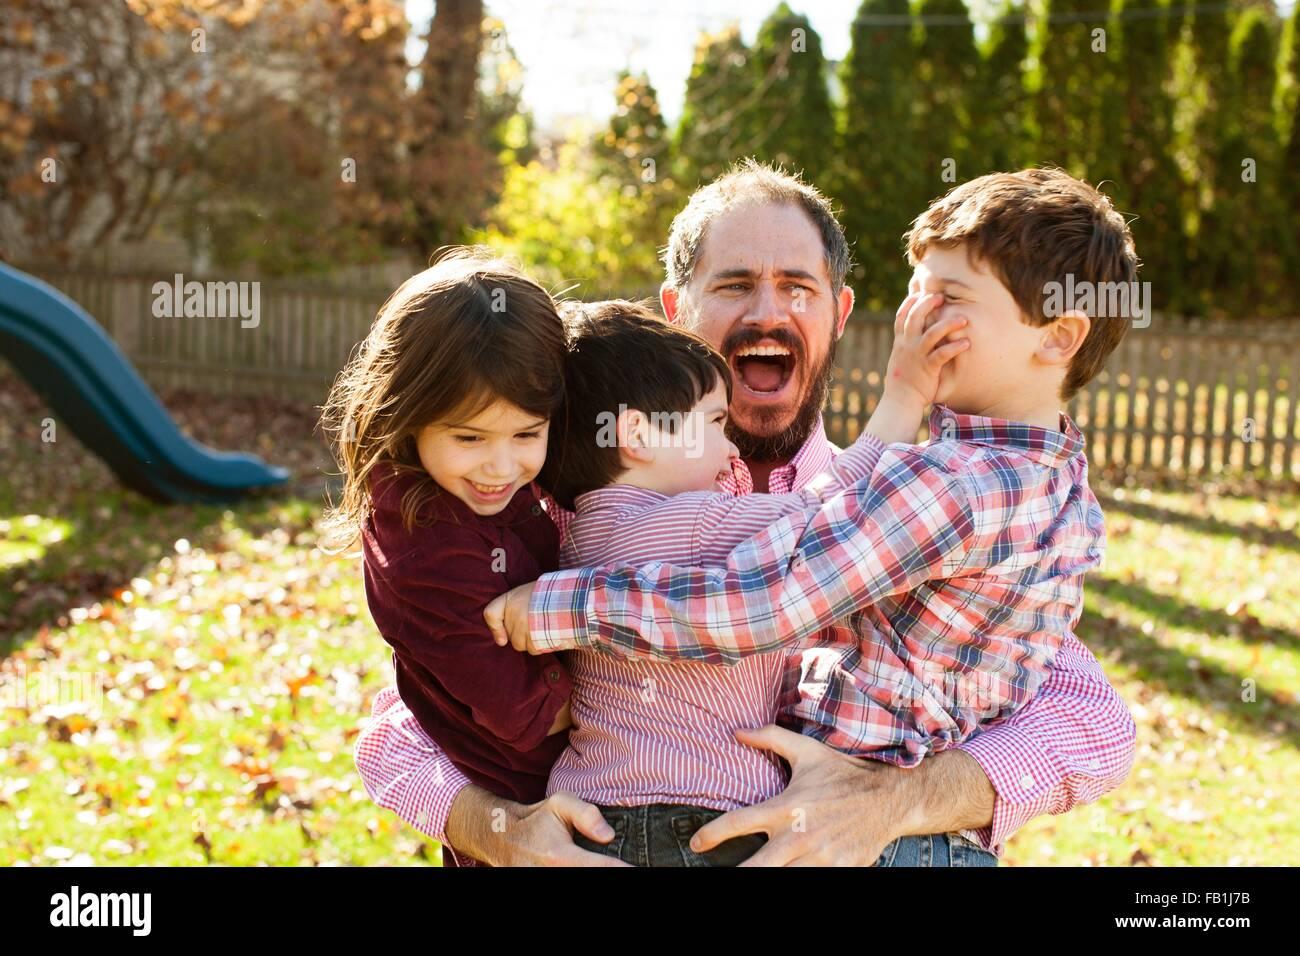 Padre llevar niños juguetones en sus brazos, atónito mirando sorprendido Imagen De Stock